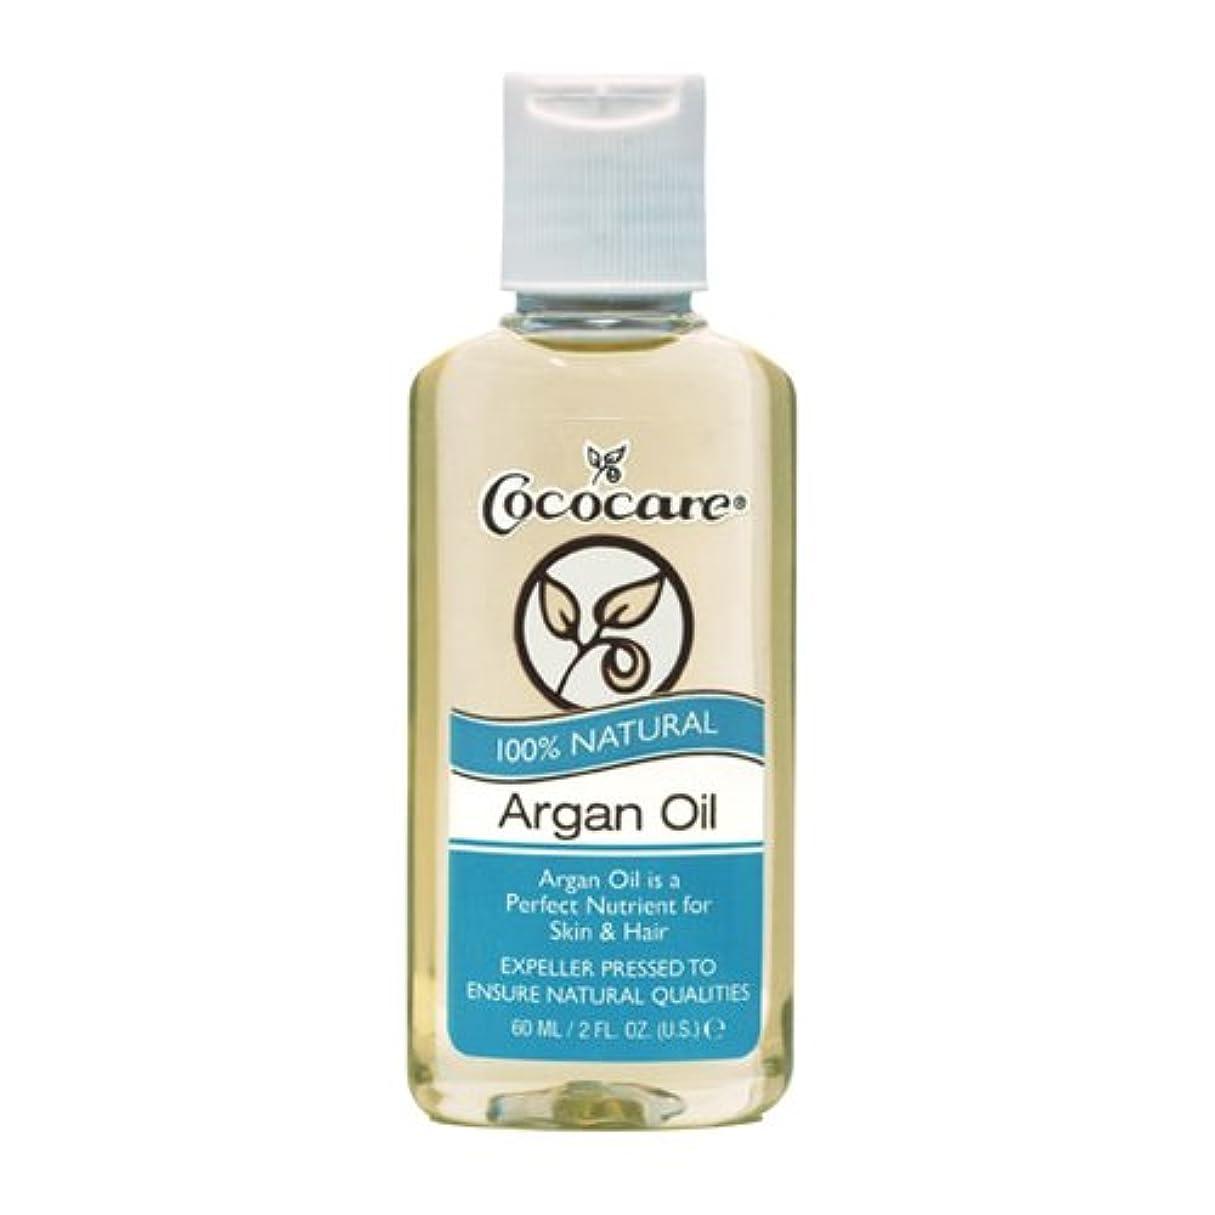 Cococare, 100% Natural Argan Oil, 2 fl oz (60 ml)